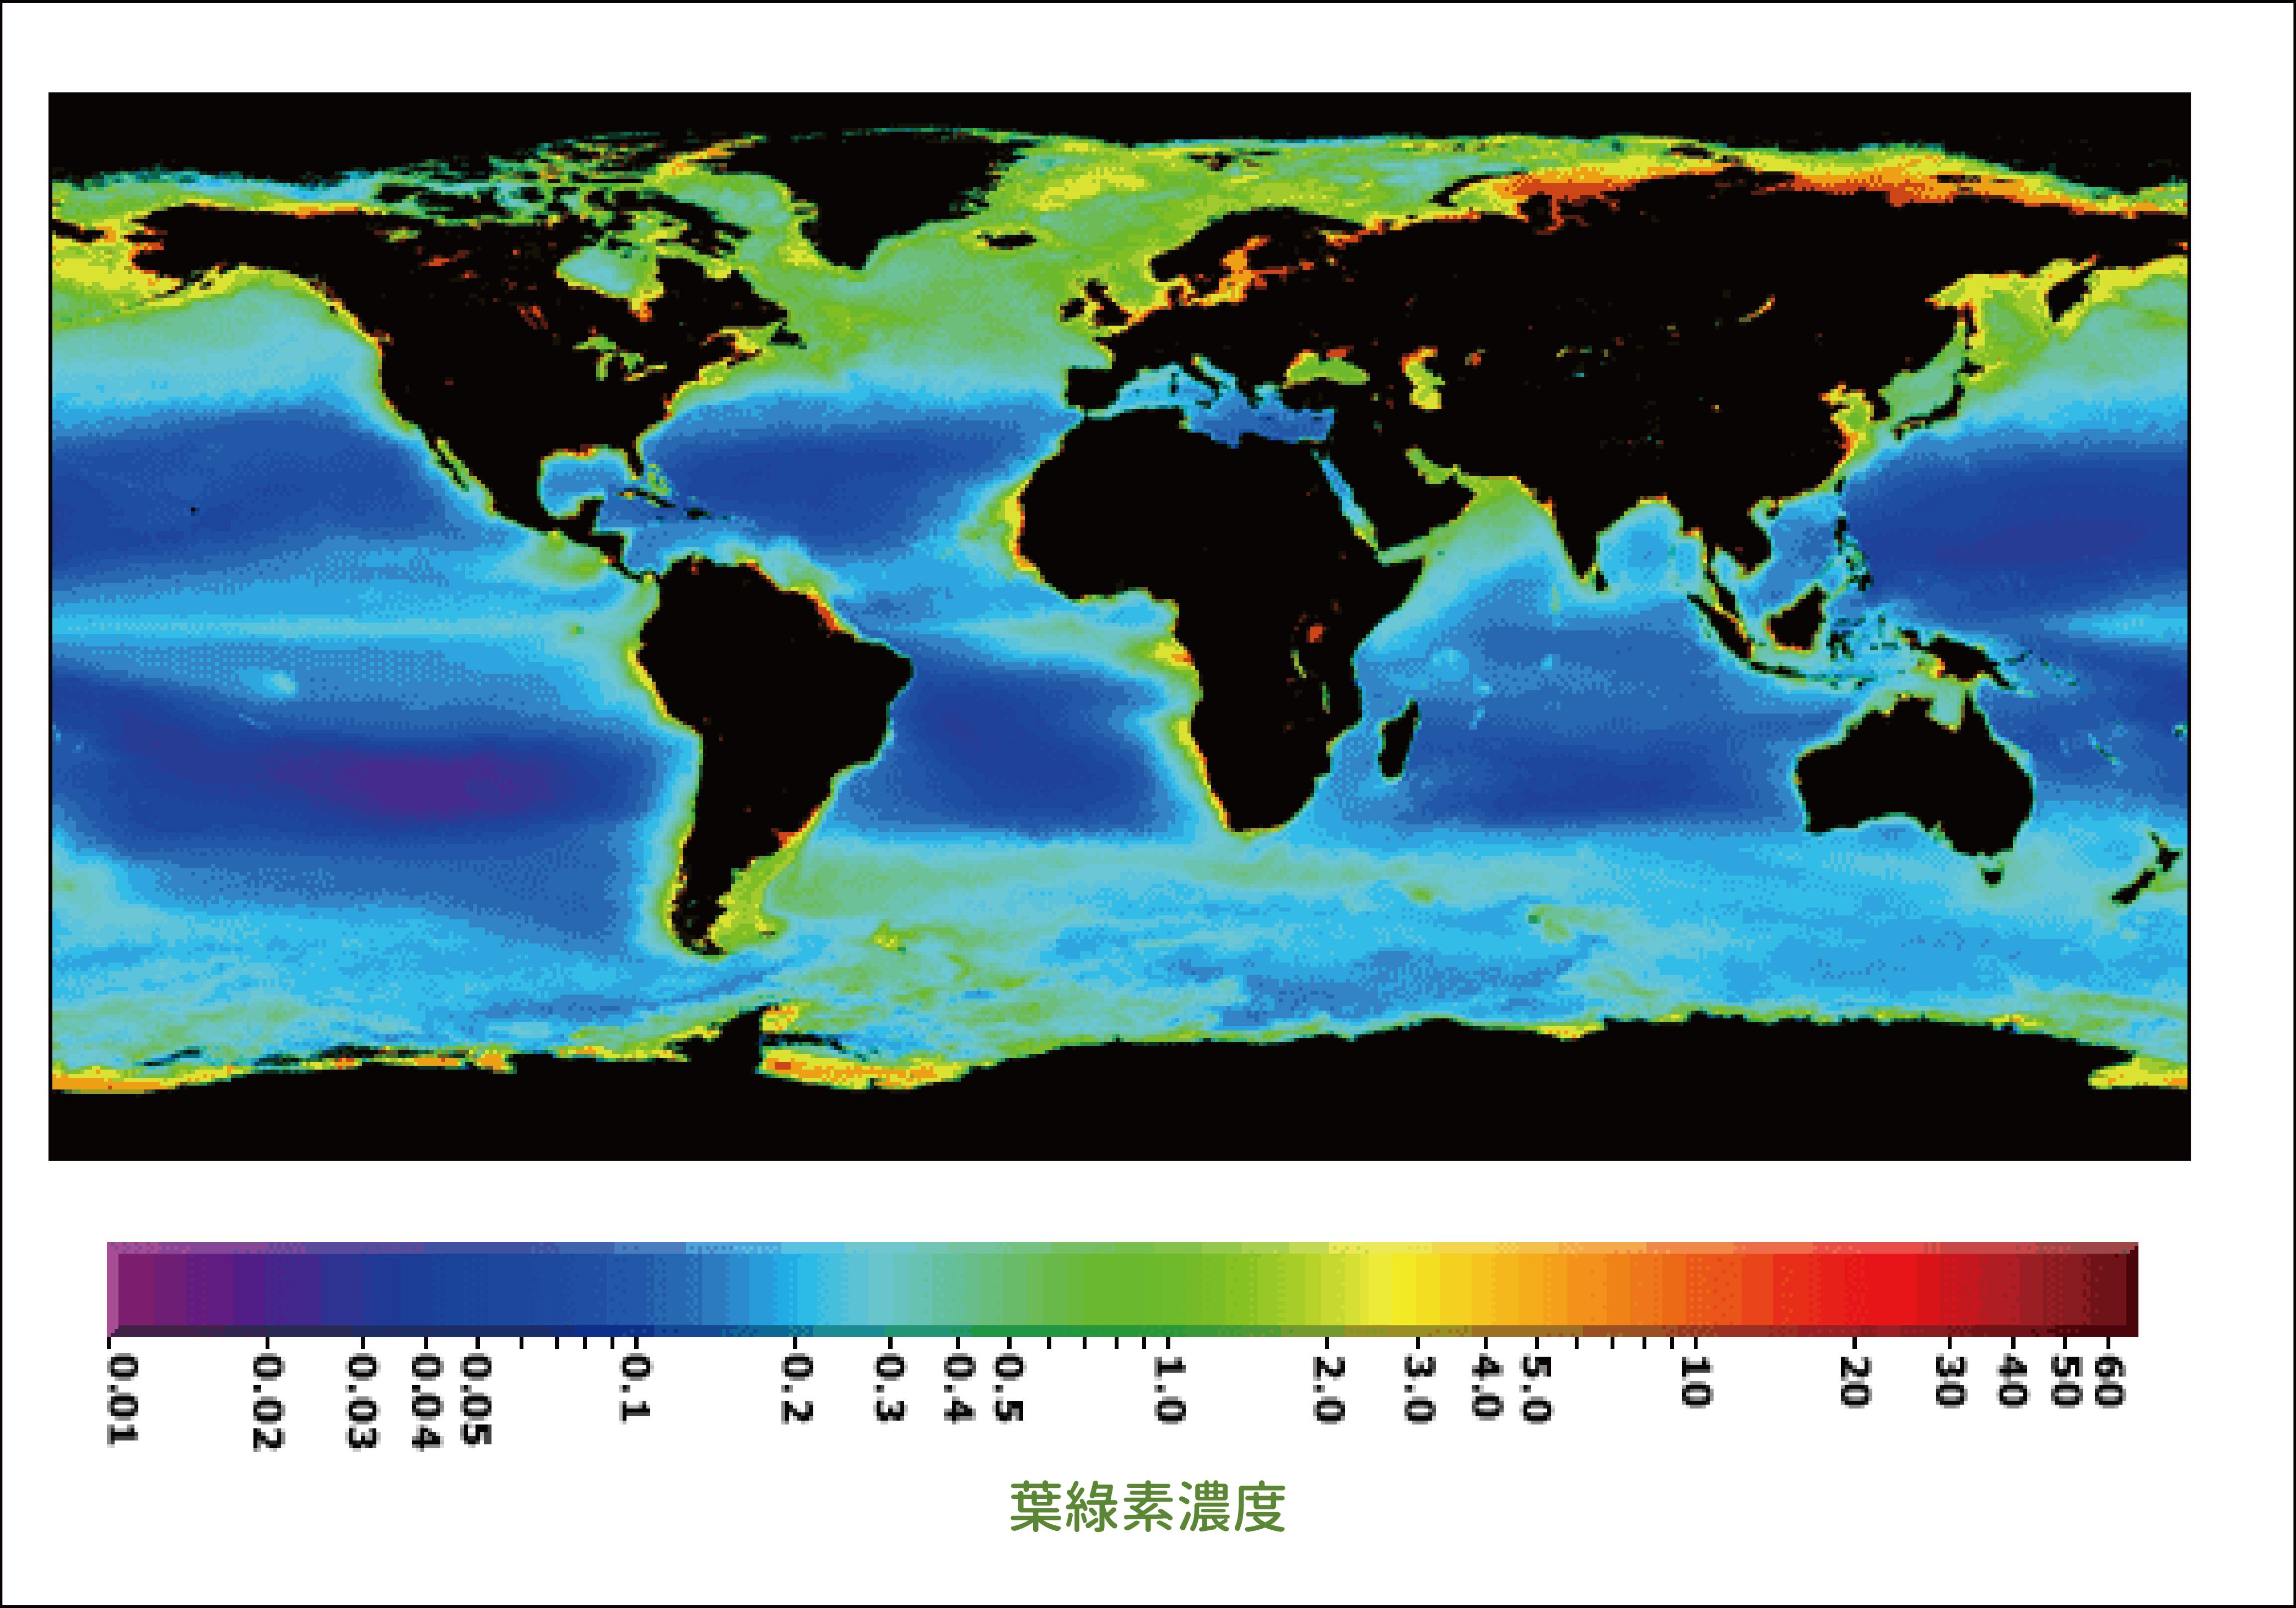 全球海洋生物量的分布圖,色溫越高代表海水中浮游植物生物量 (biomass) ──葉綠素愈高。因為營養物質供應相對較多,高緯度、邊緣海、以及湧升流海域的生物量特別高。 圖片來源│NASA Earth Observatory 圖說重製│張語辰